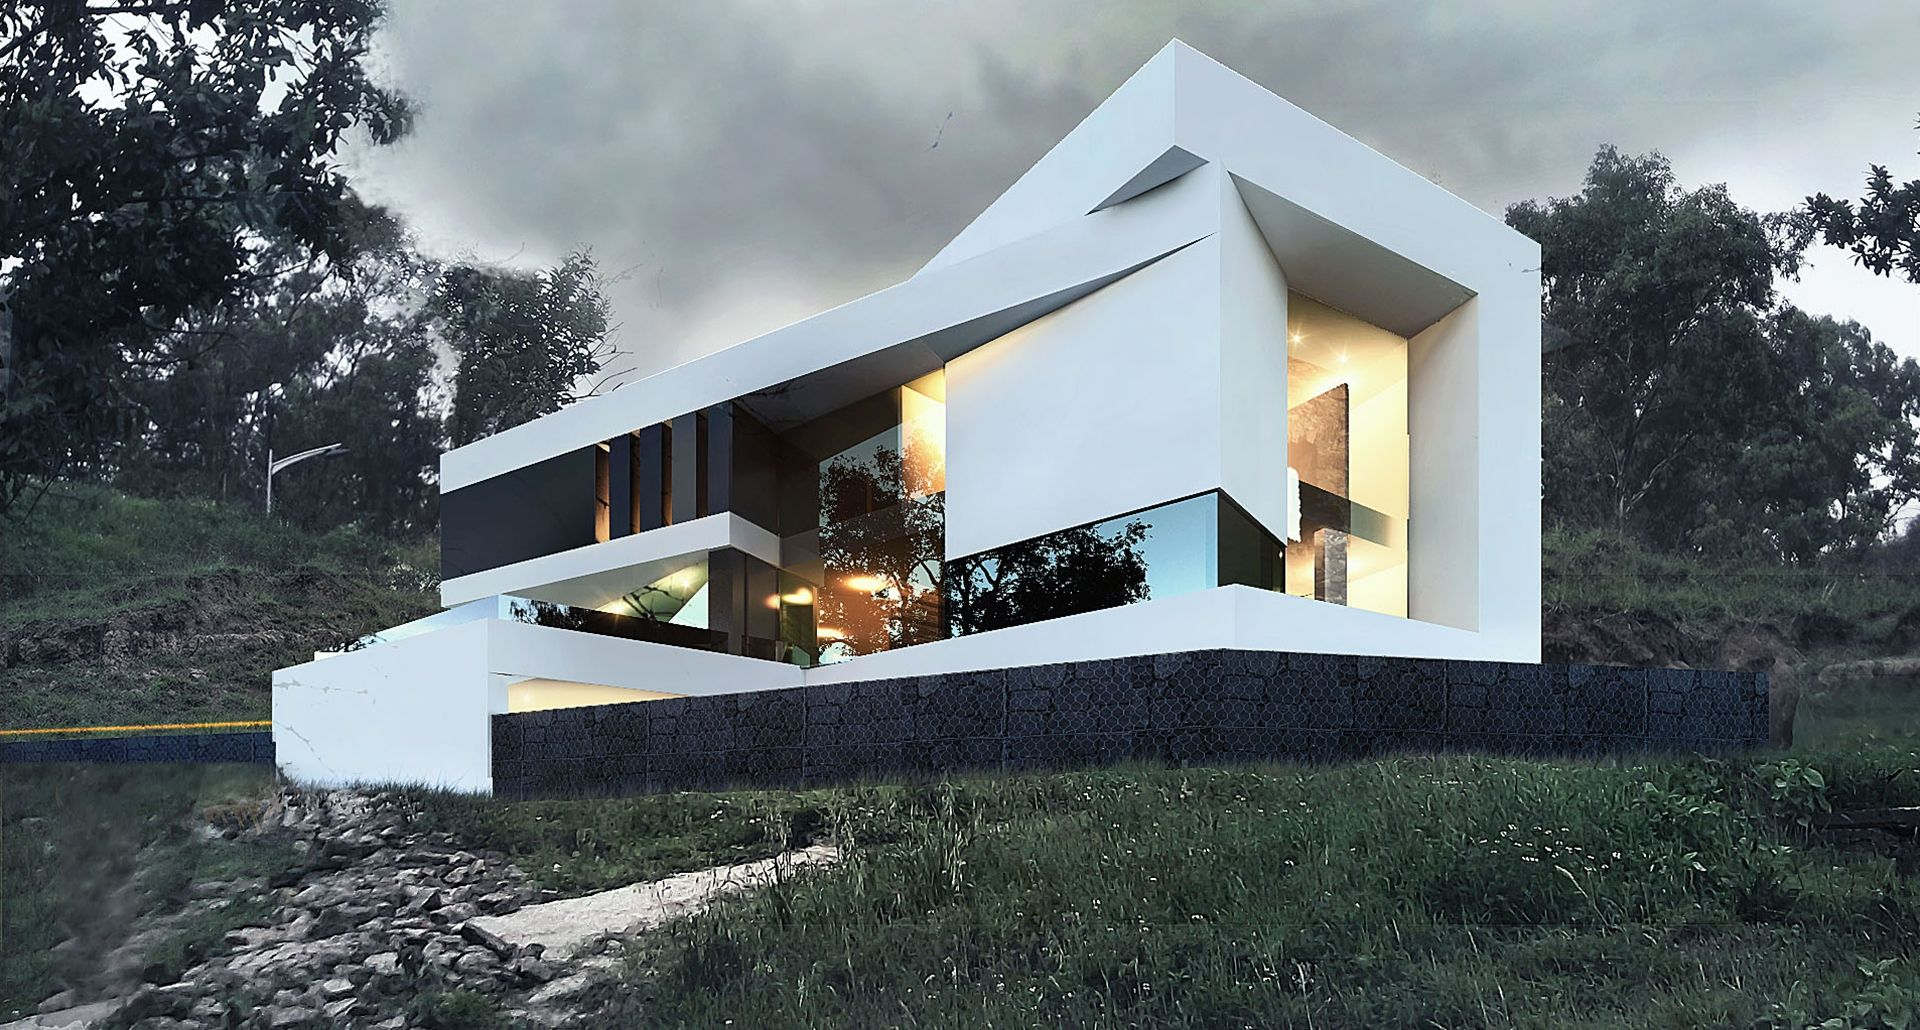 Pradera house creato arquitectos houses pinterest - Arquitectos casas modernas ...